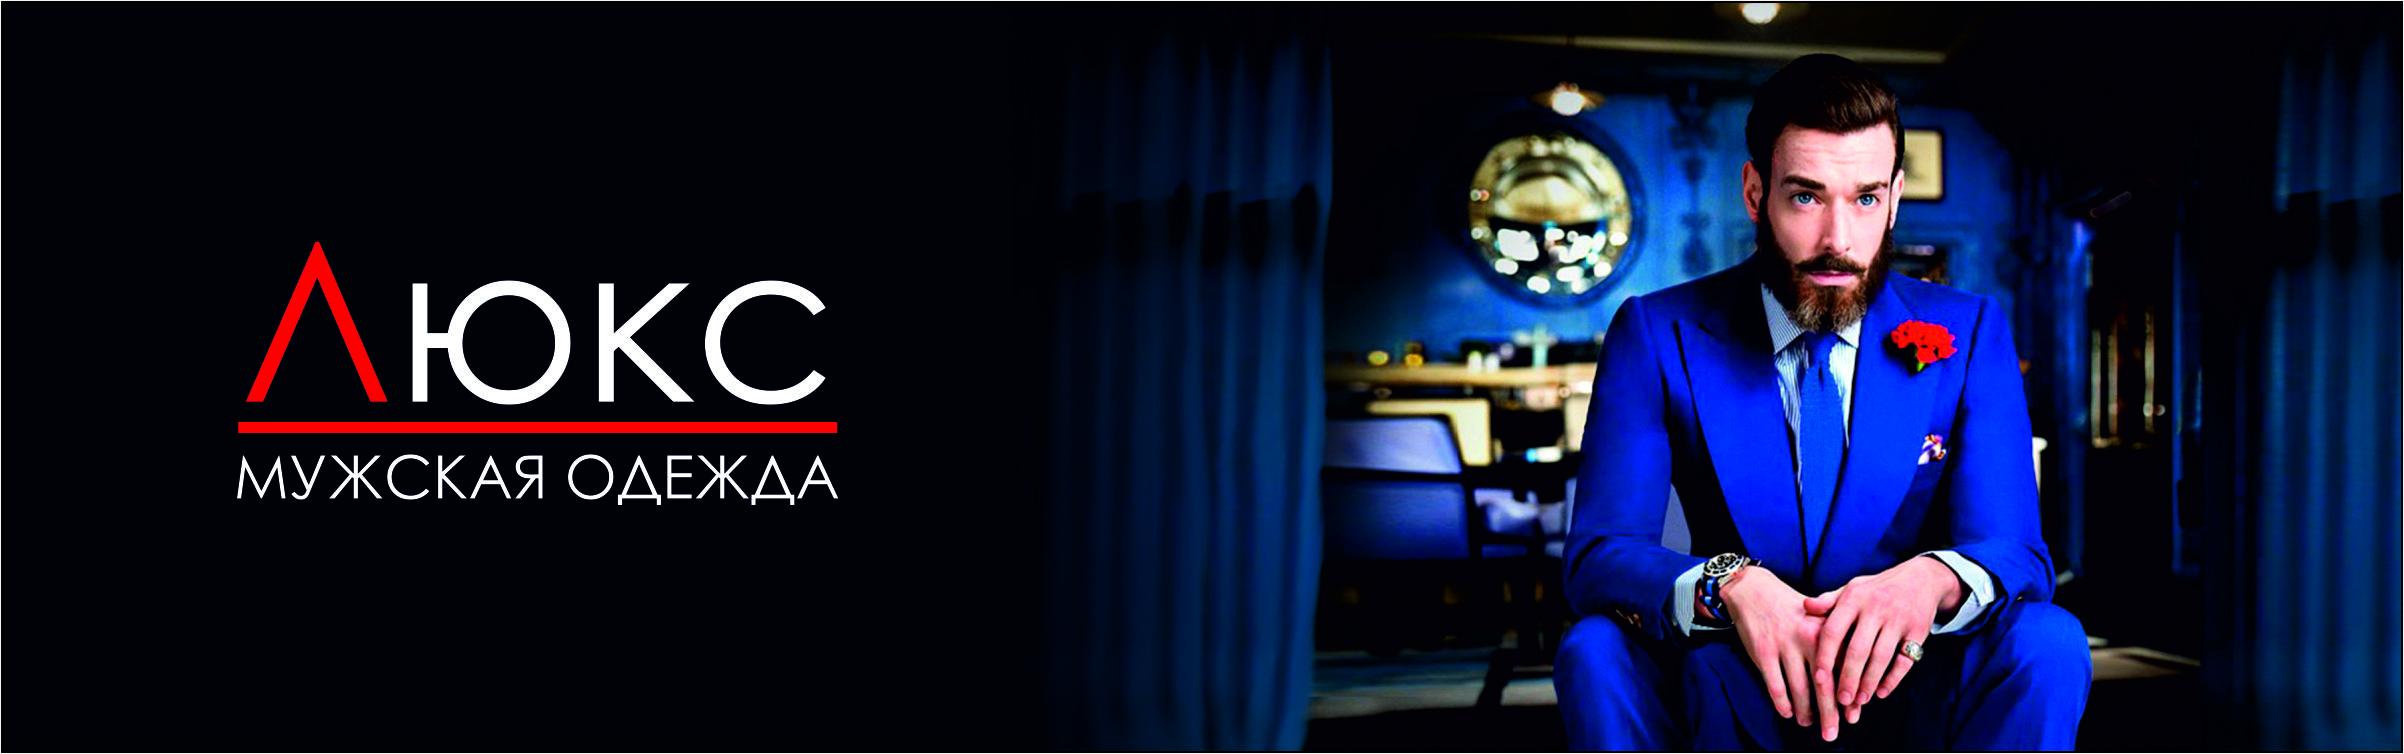 Классическая мужская одежда 'Люкс - Классическая мужская одежда' в Смоленске. Главная страница